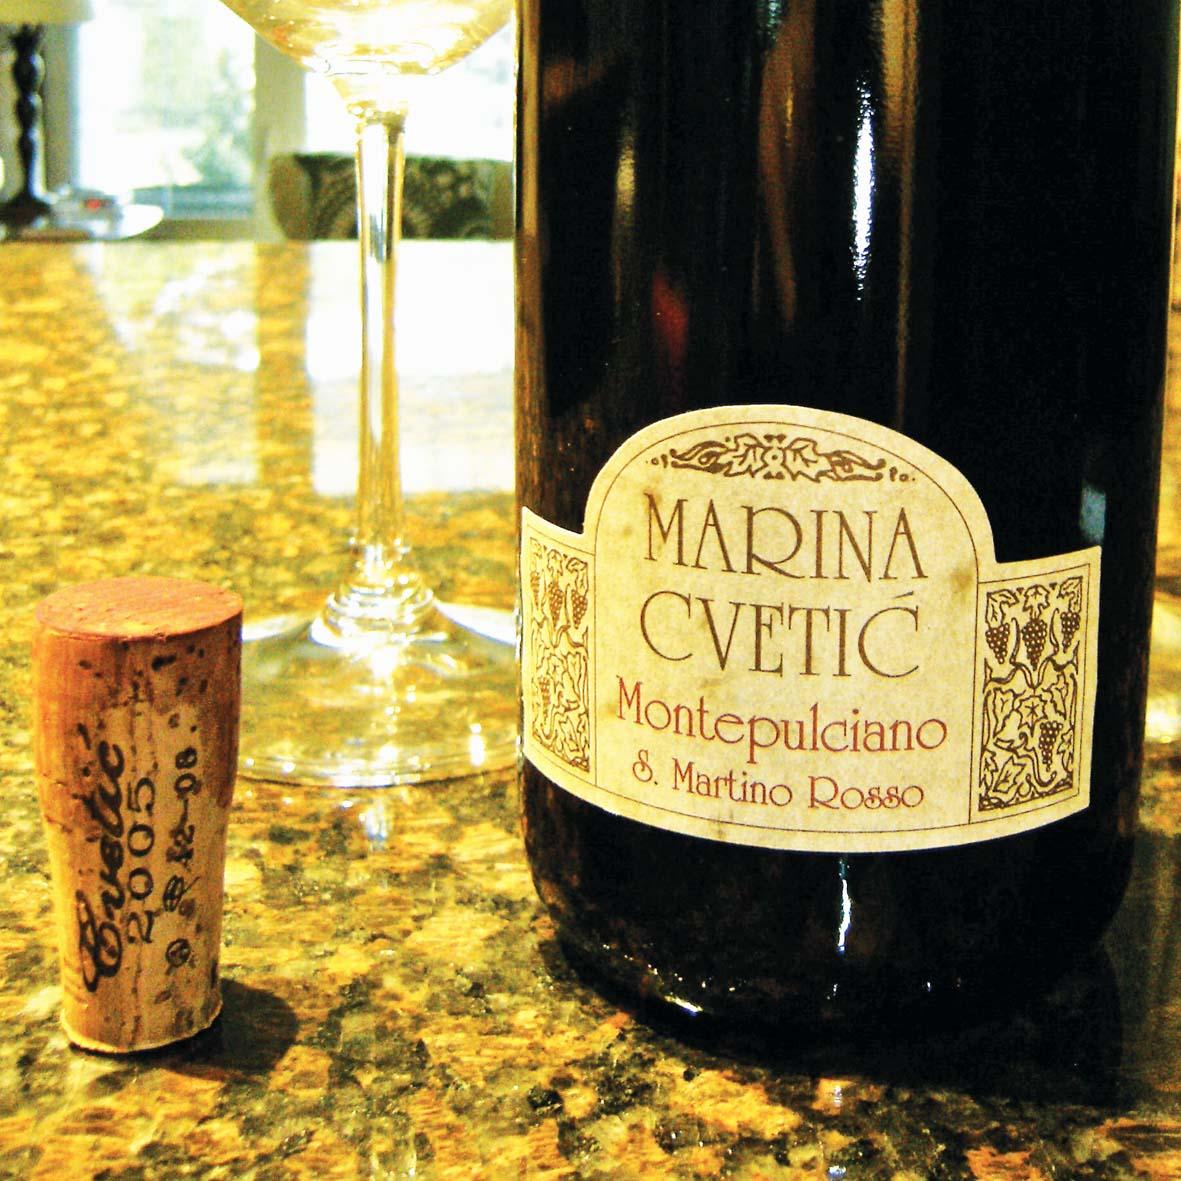 U Italiji ima više od 25.000 vinarija, pa sam po svijetu radila marketing sa srcem. Ponekad sam se osjećala kao Jovanka Orleanka